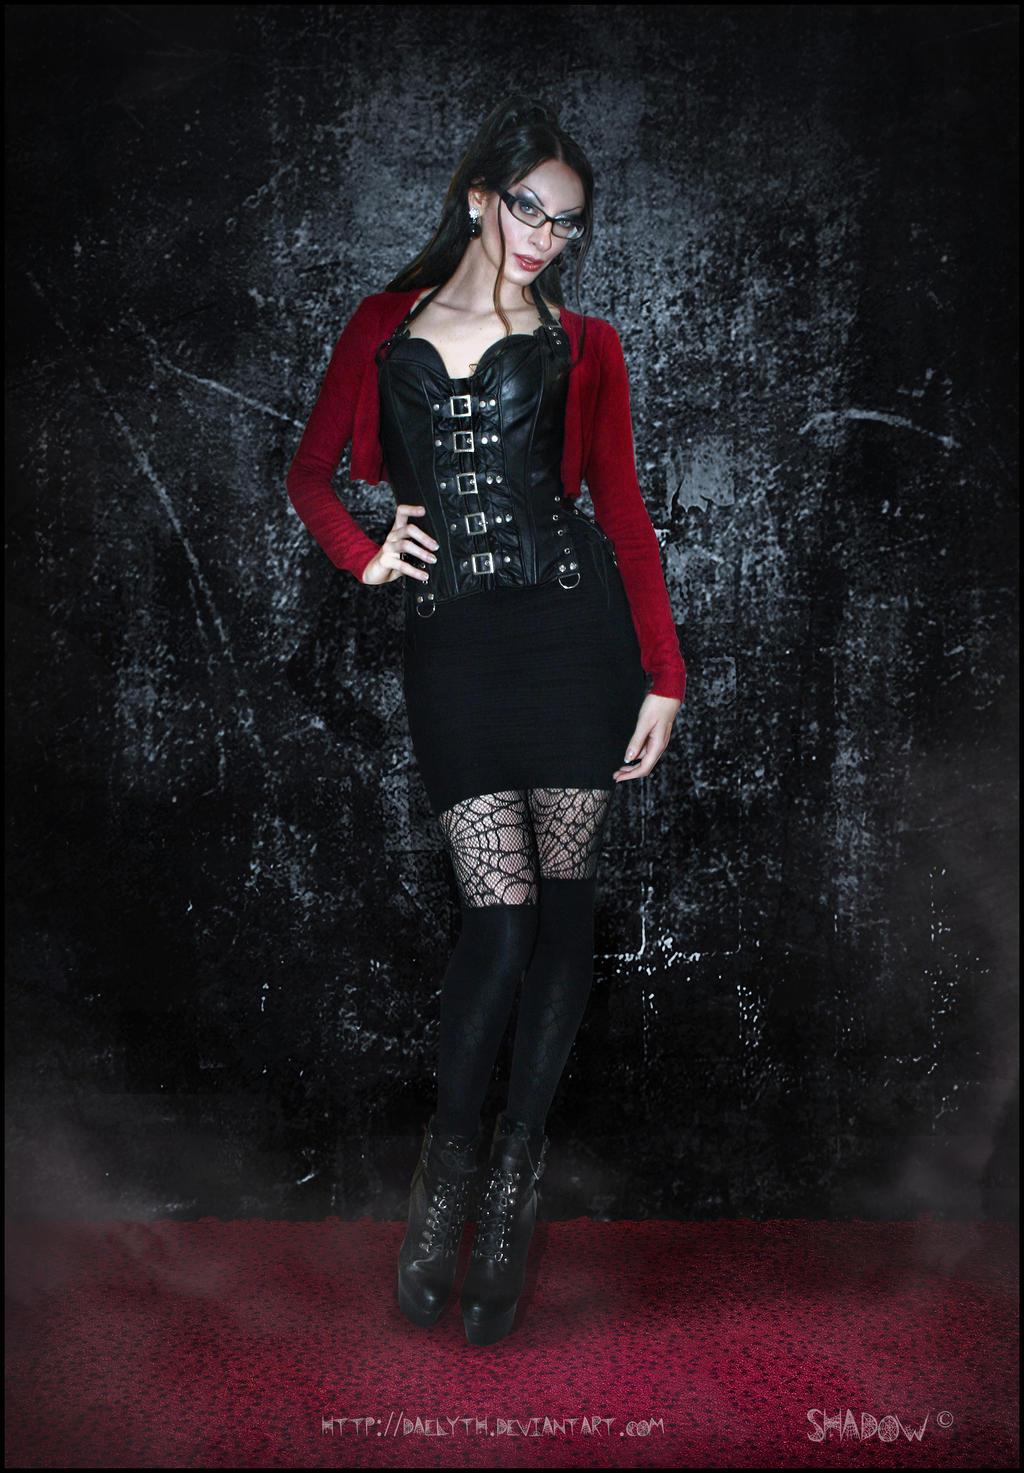 Daelyth's Profile Picture